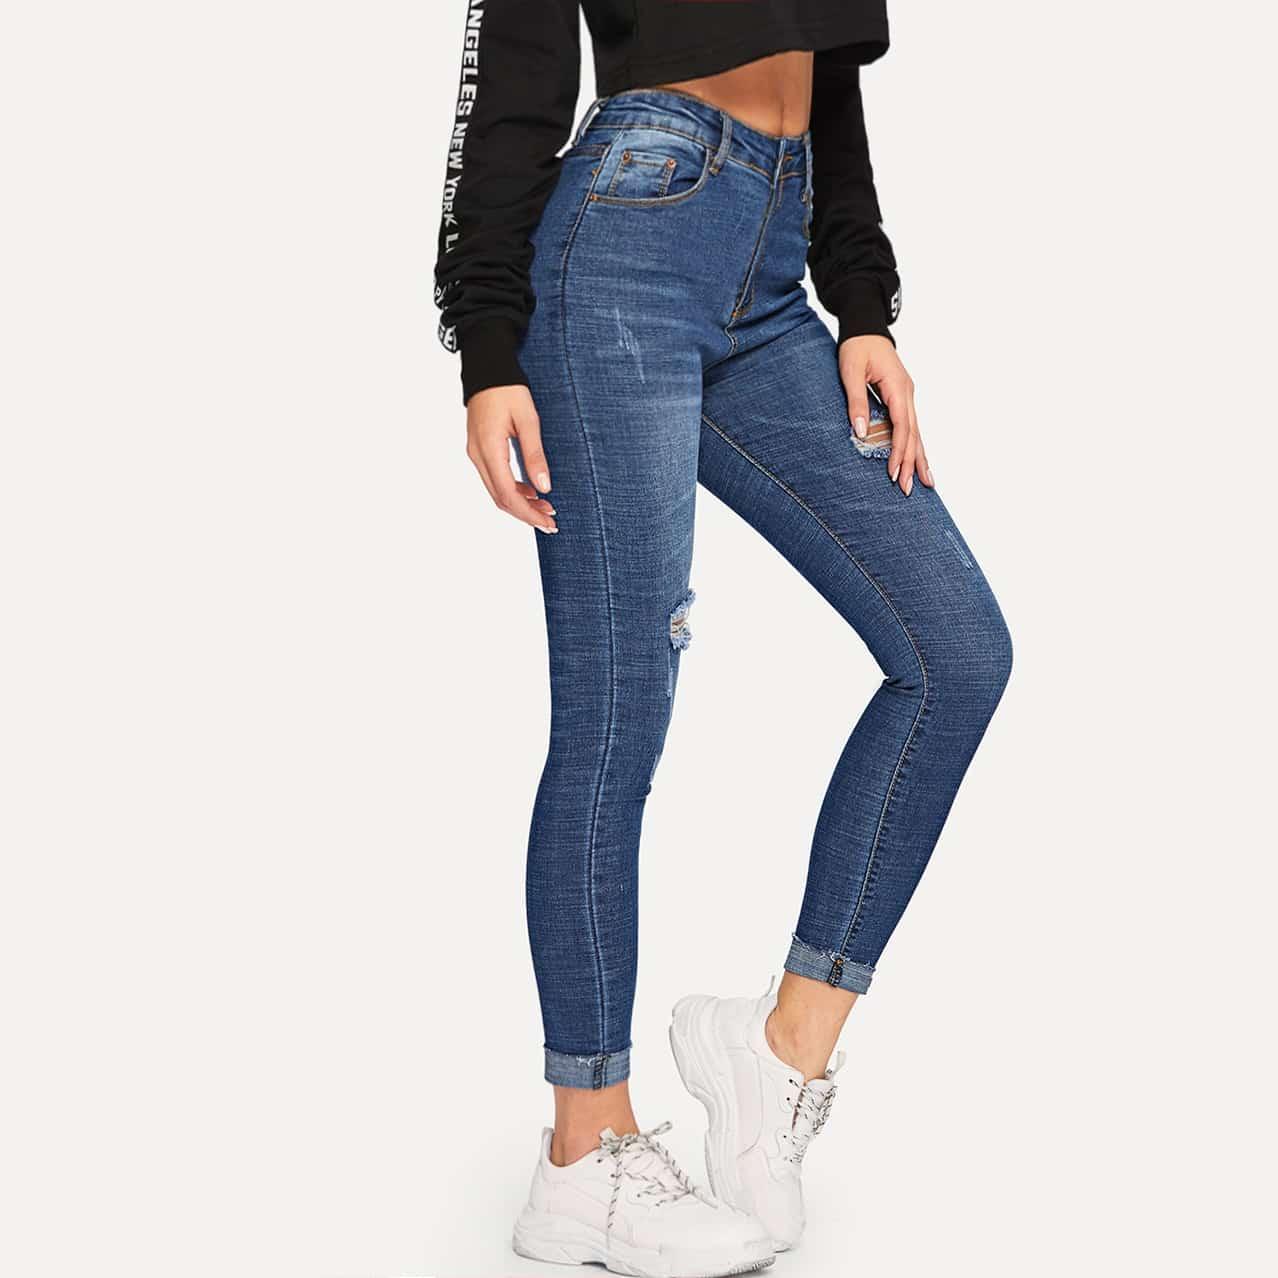 Рваные обтгяивающие джинсы